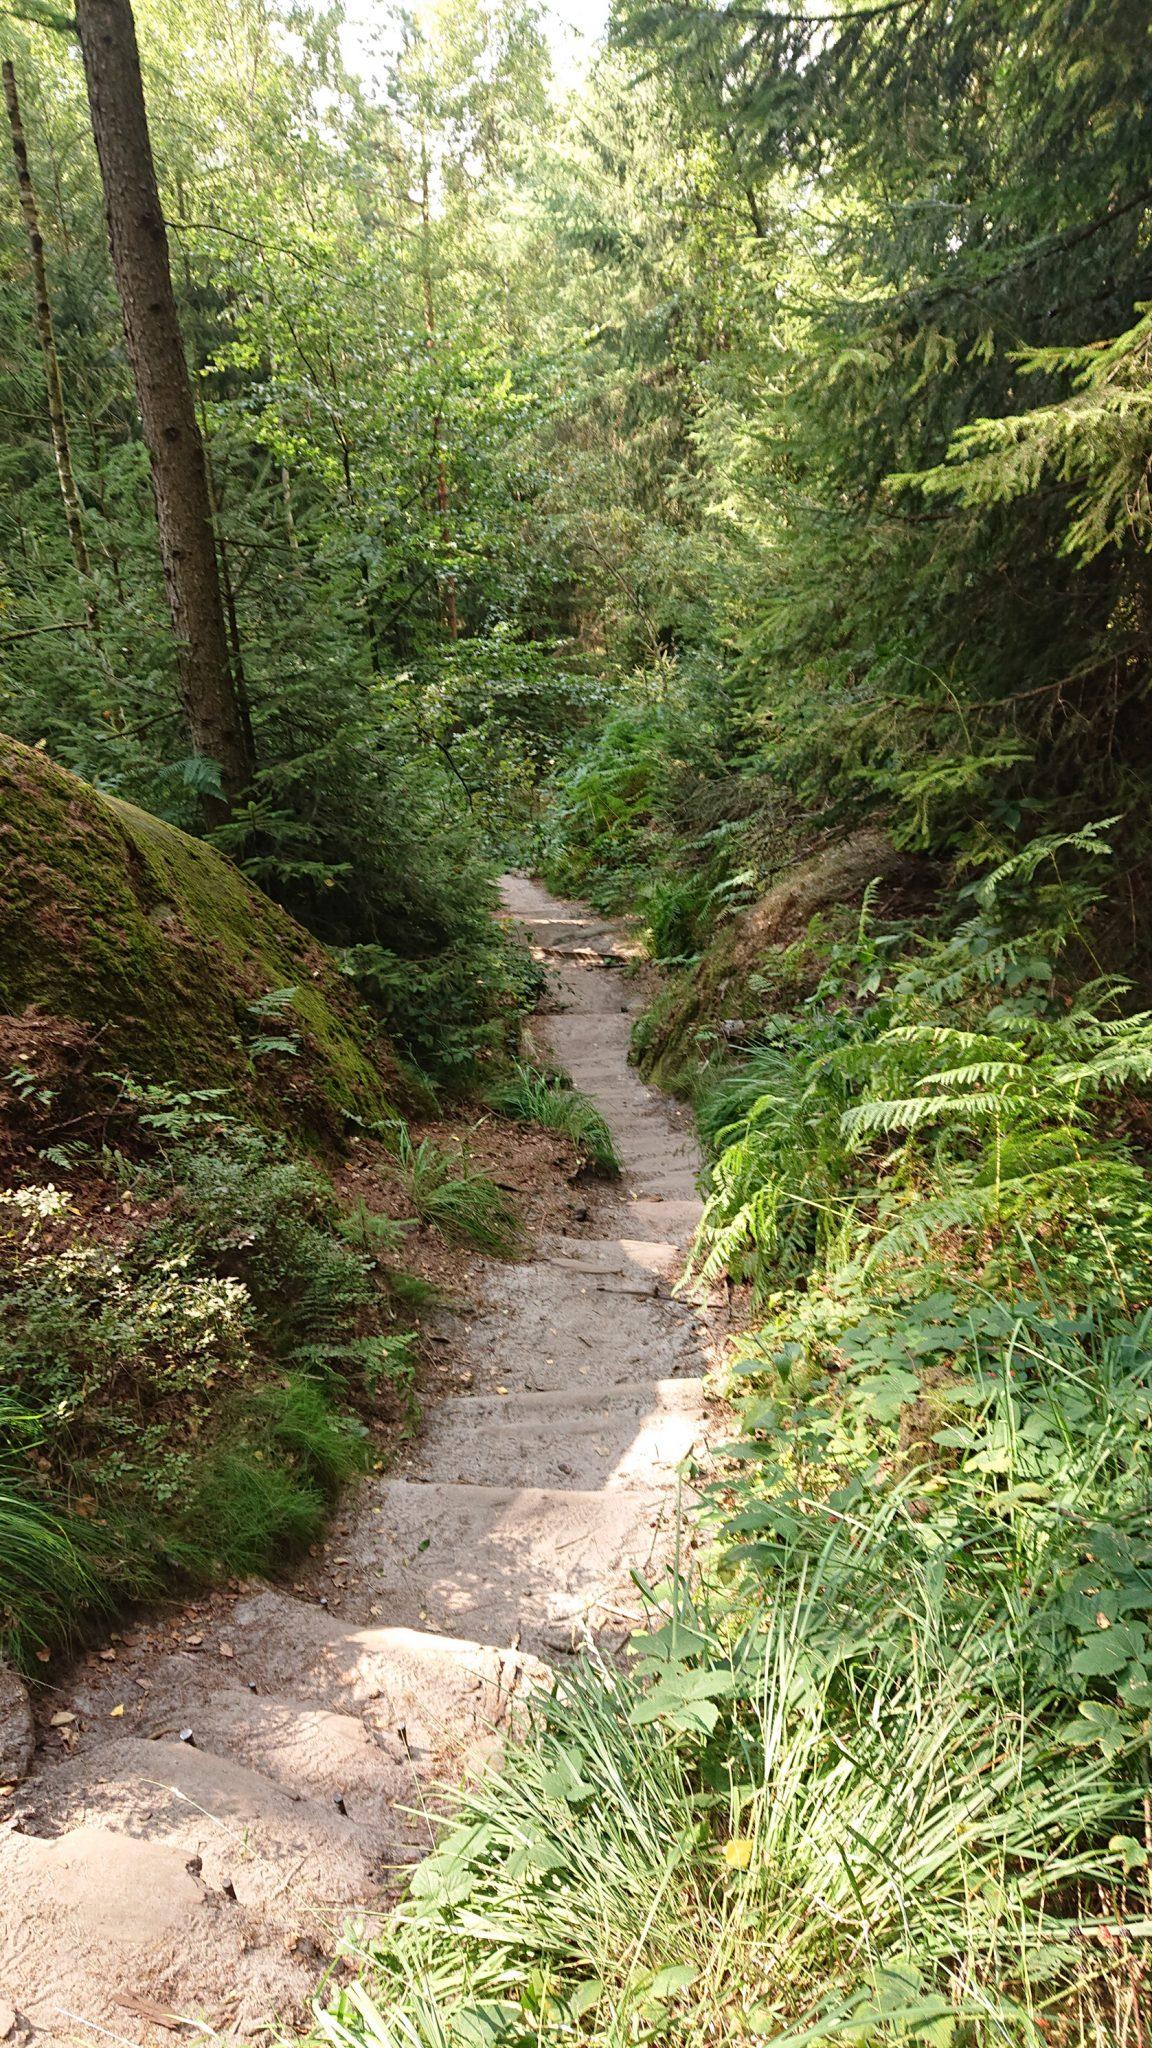 Hohe Liebe Schrammsteine Carolafelsen, Wanderweg im Wanderparadies Sächsische Schweiz mit vielen tollen Aussichten, riesiger Felsennationalpark, schöne Wege